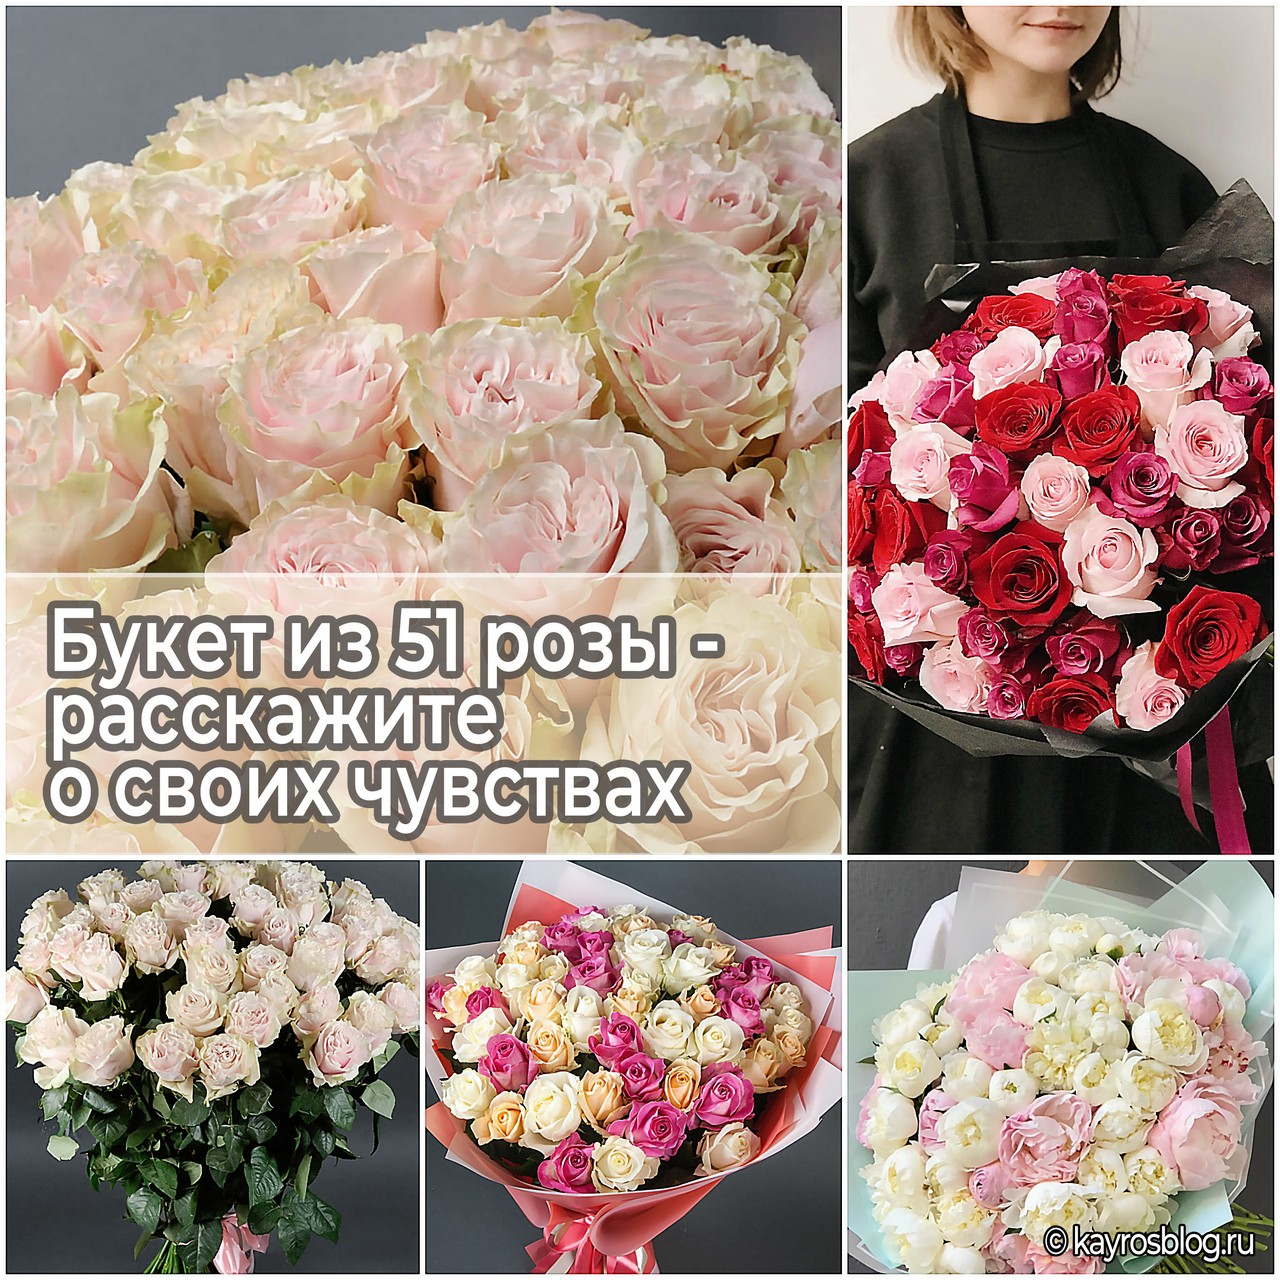 Букет из 51 розы - расскажите о своих чувствах